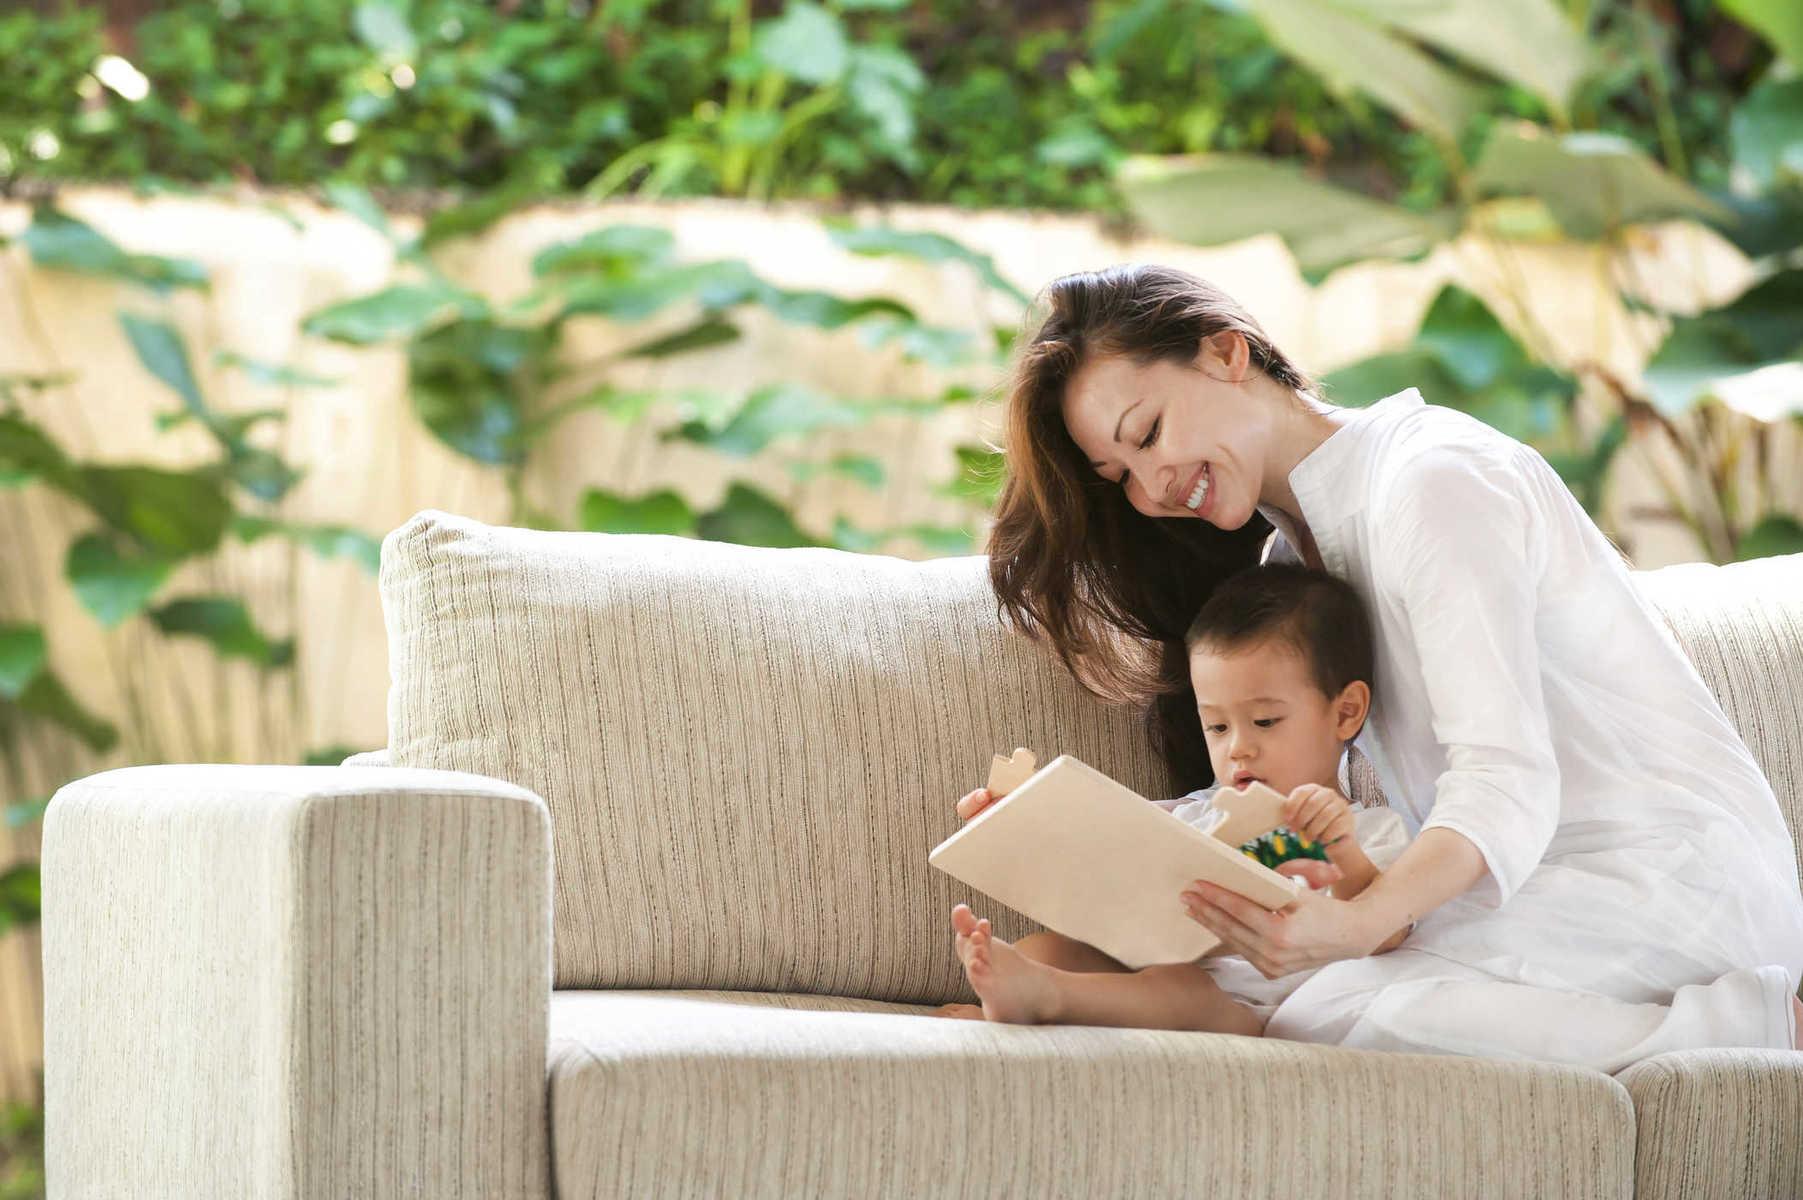 'Bác sĩ yêu con nít' hướng dẫn cha mẹ dạy con cách bảo vệ bản thân, tránh nguy cơ bị người lạ xâm hại - Ảnh 3